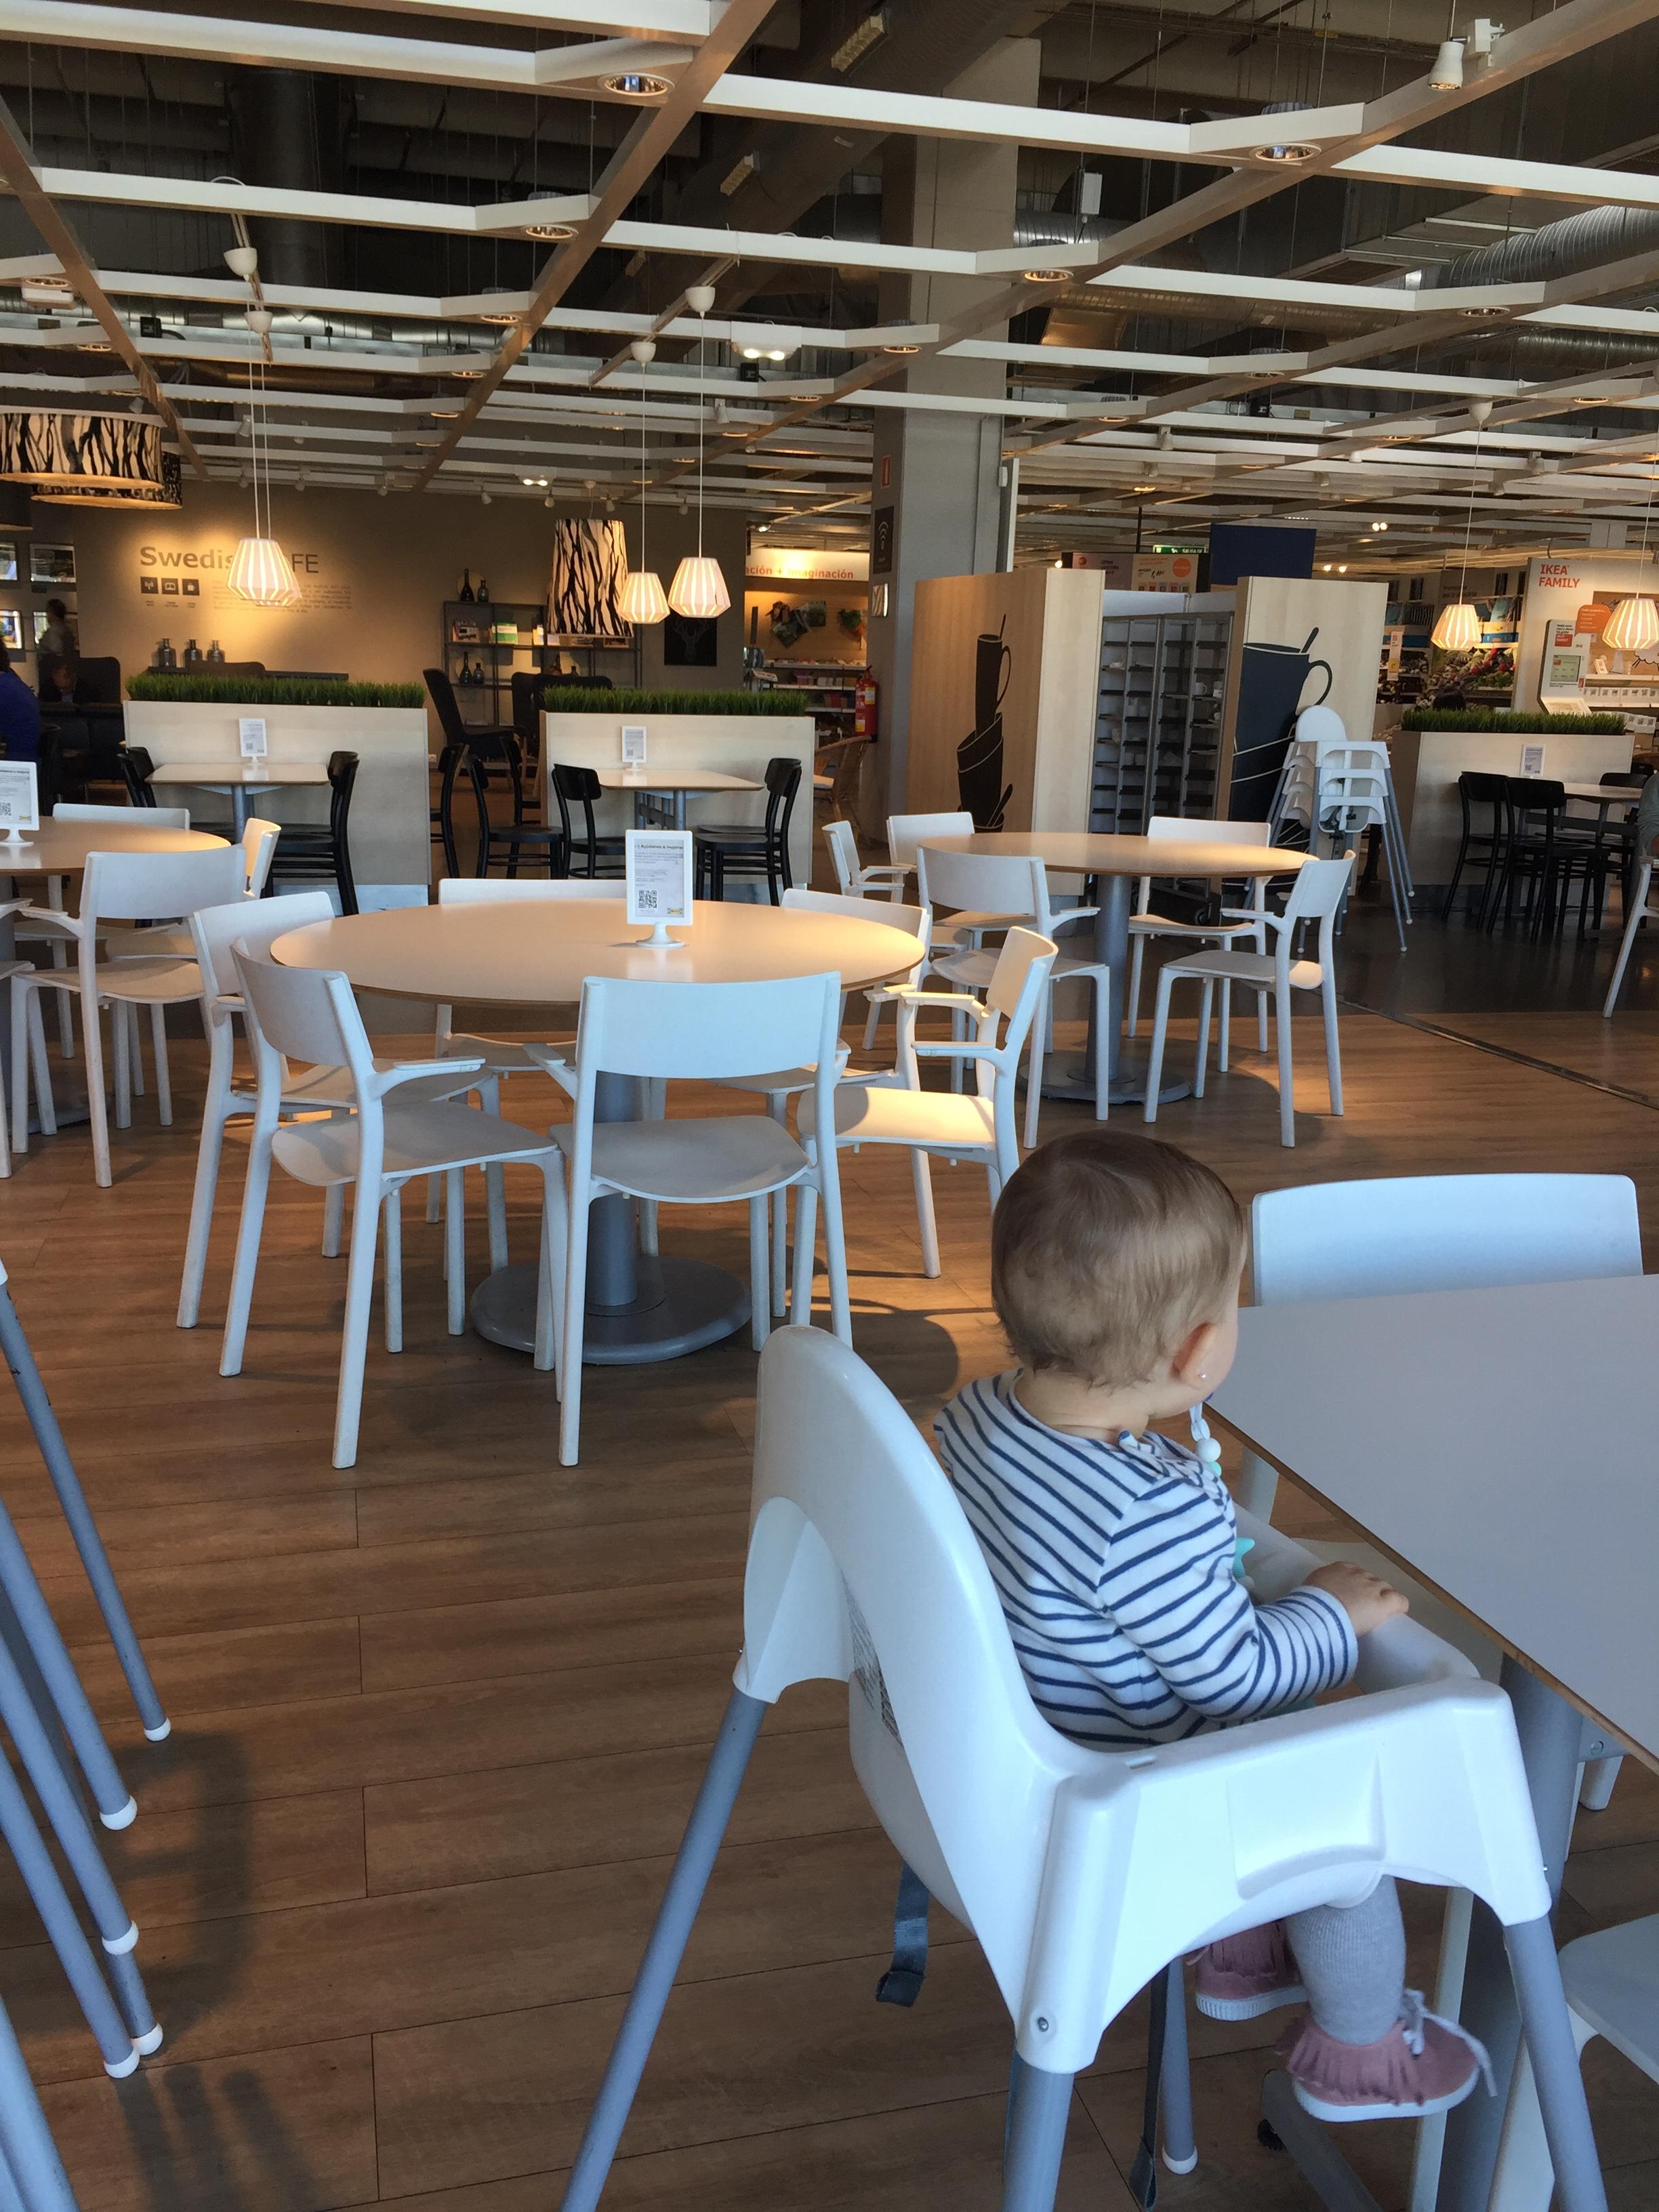 Tronas en el Restaurante de Ikea